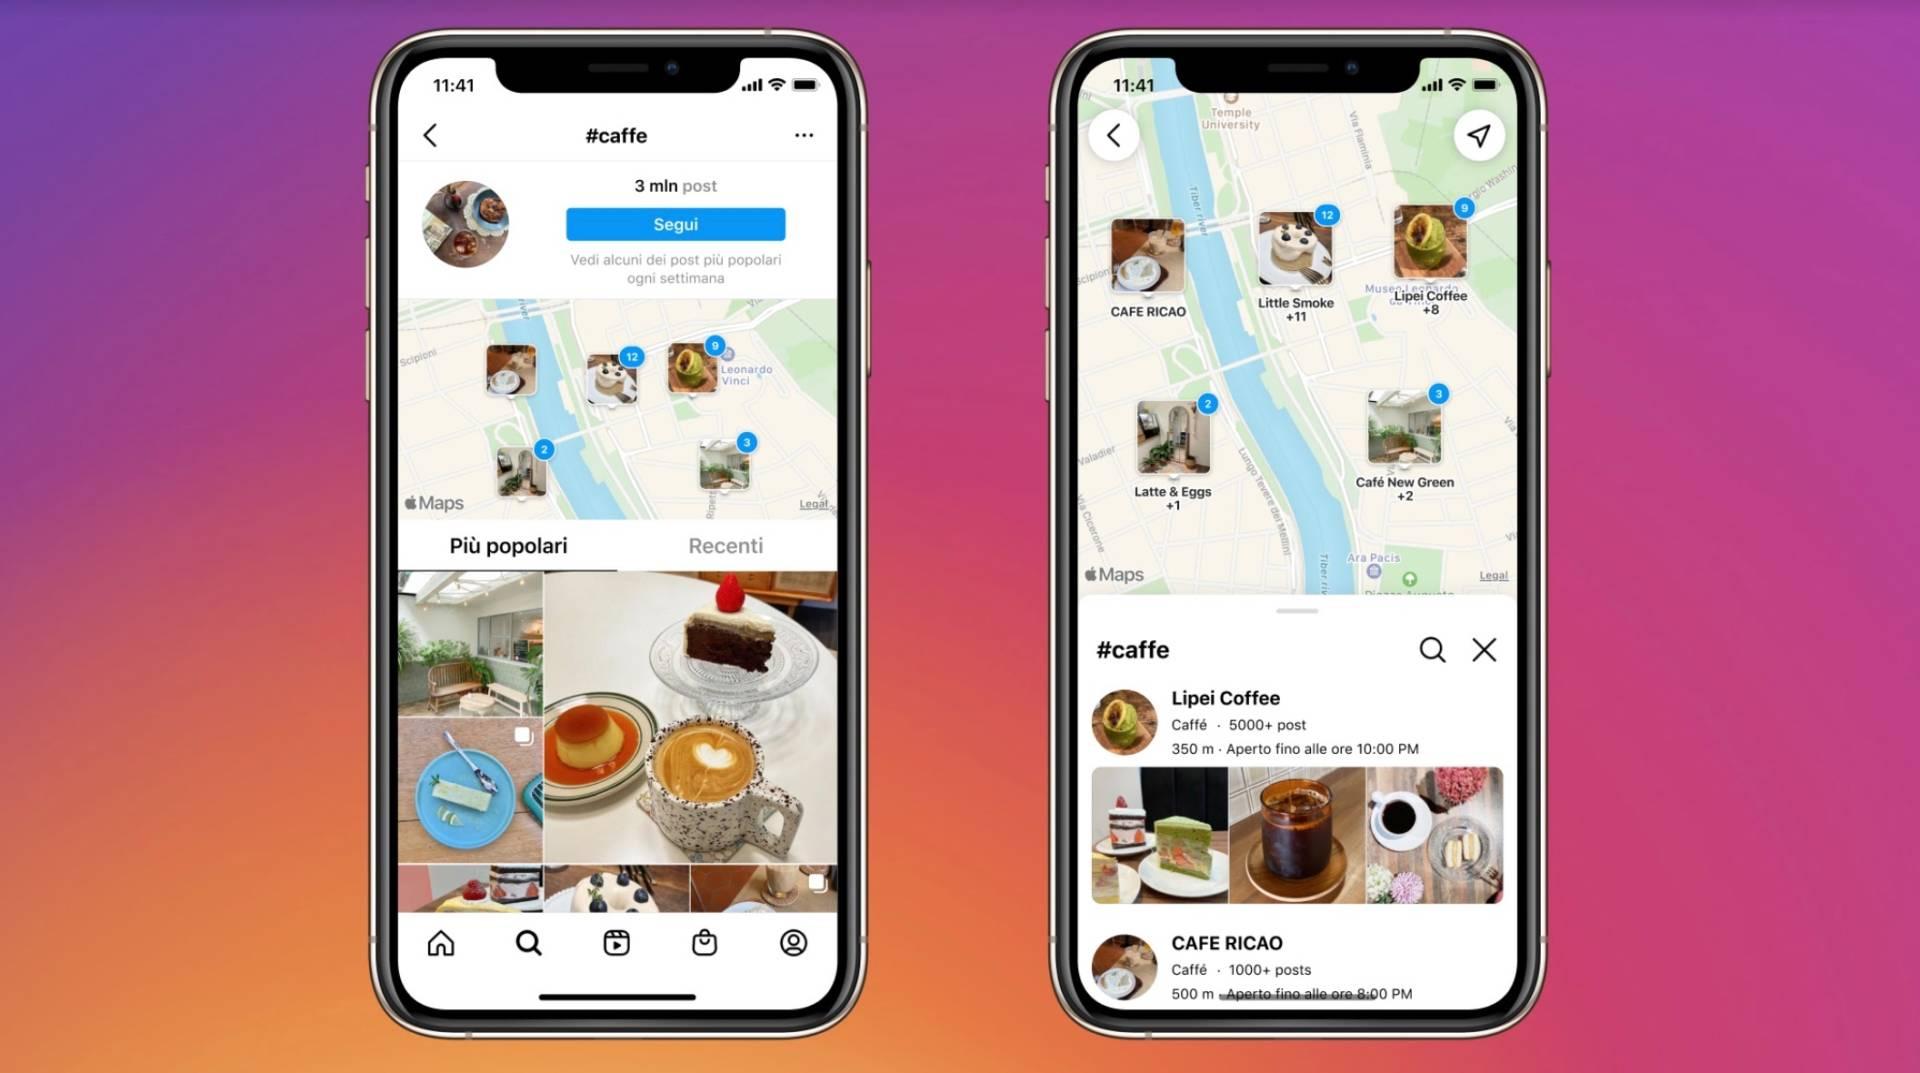 Cerca sulla mappa, la nuova funzione di Instagram